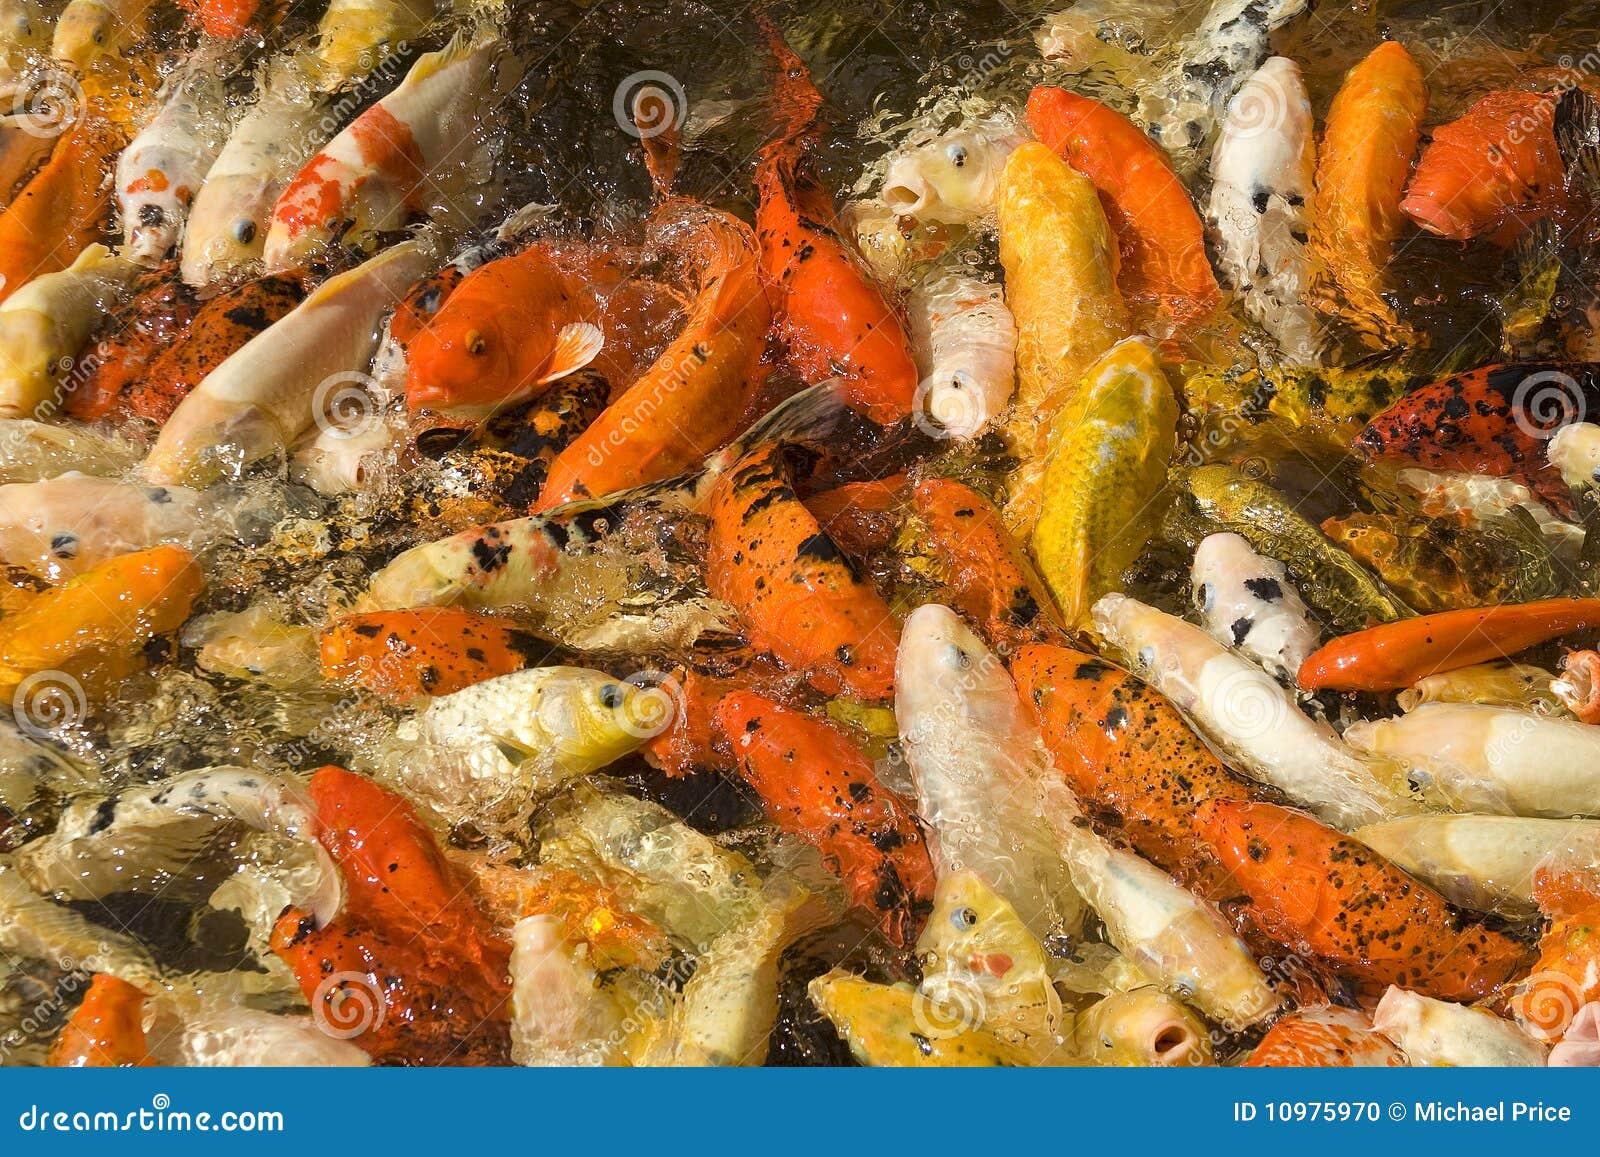 Koi Carp Feeding Frenzy Stock Photo Image 10975970